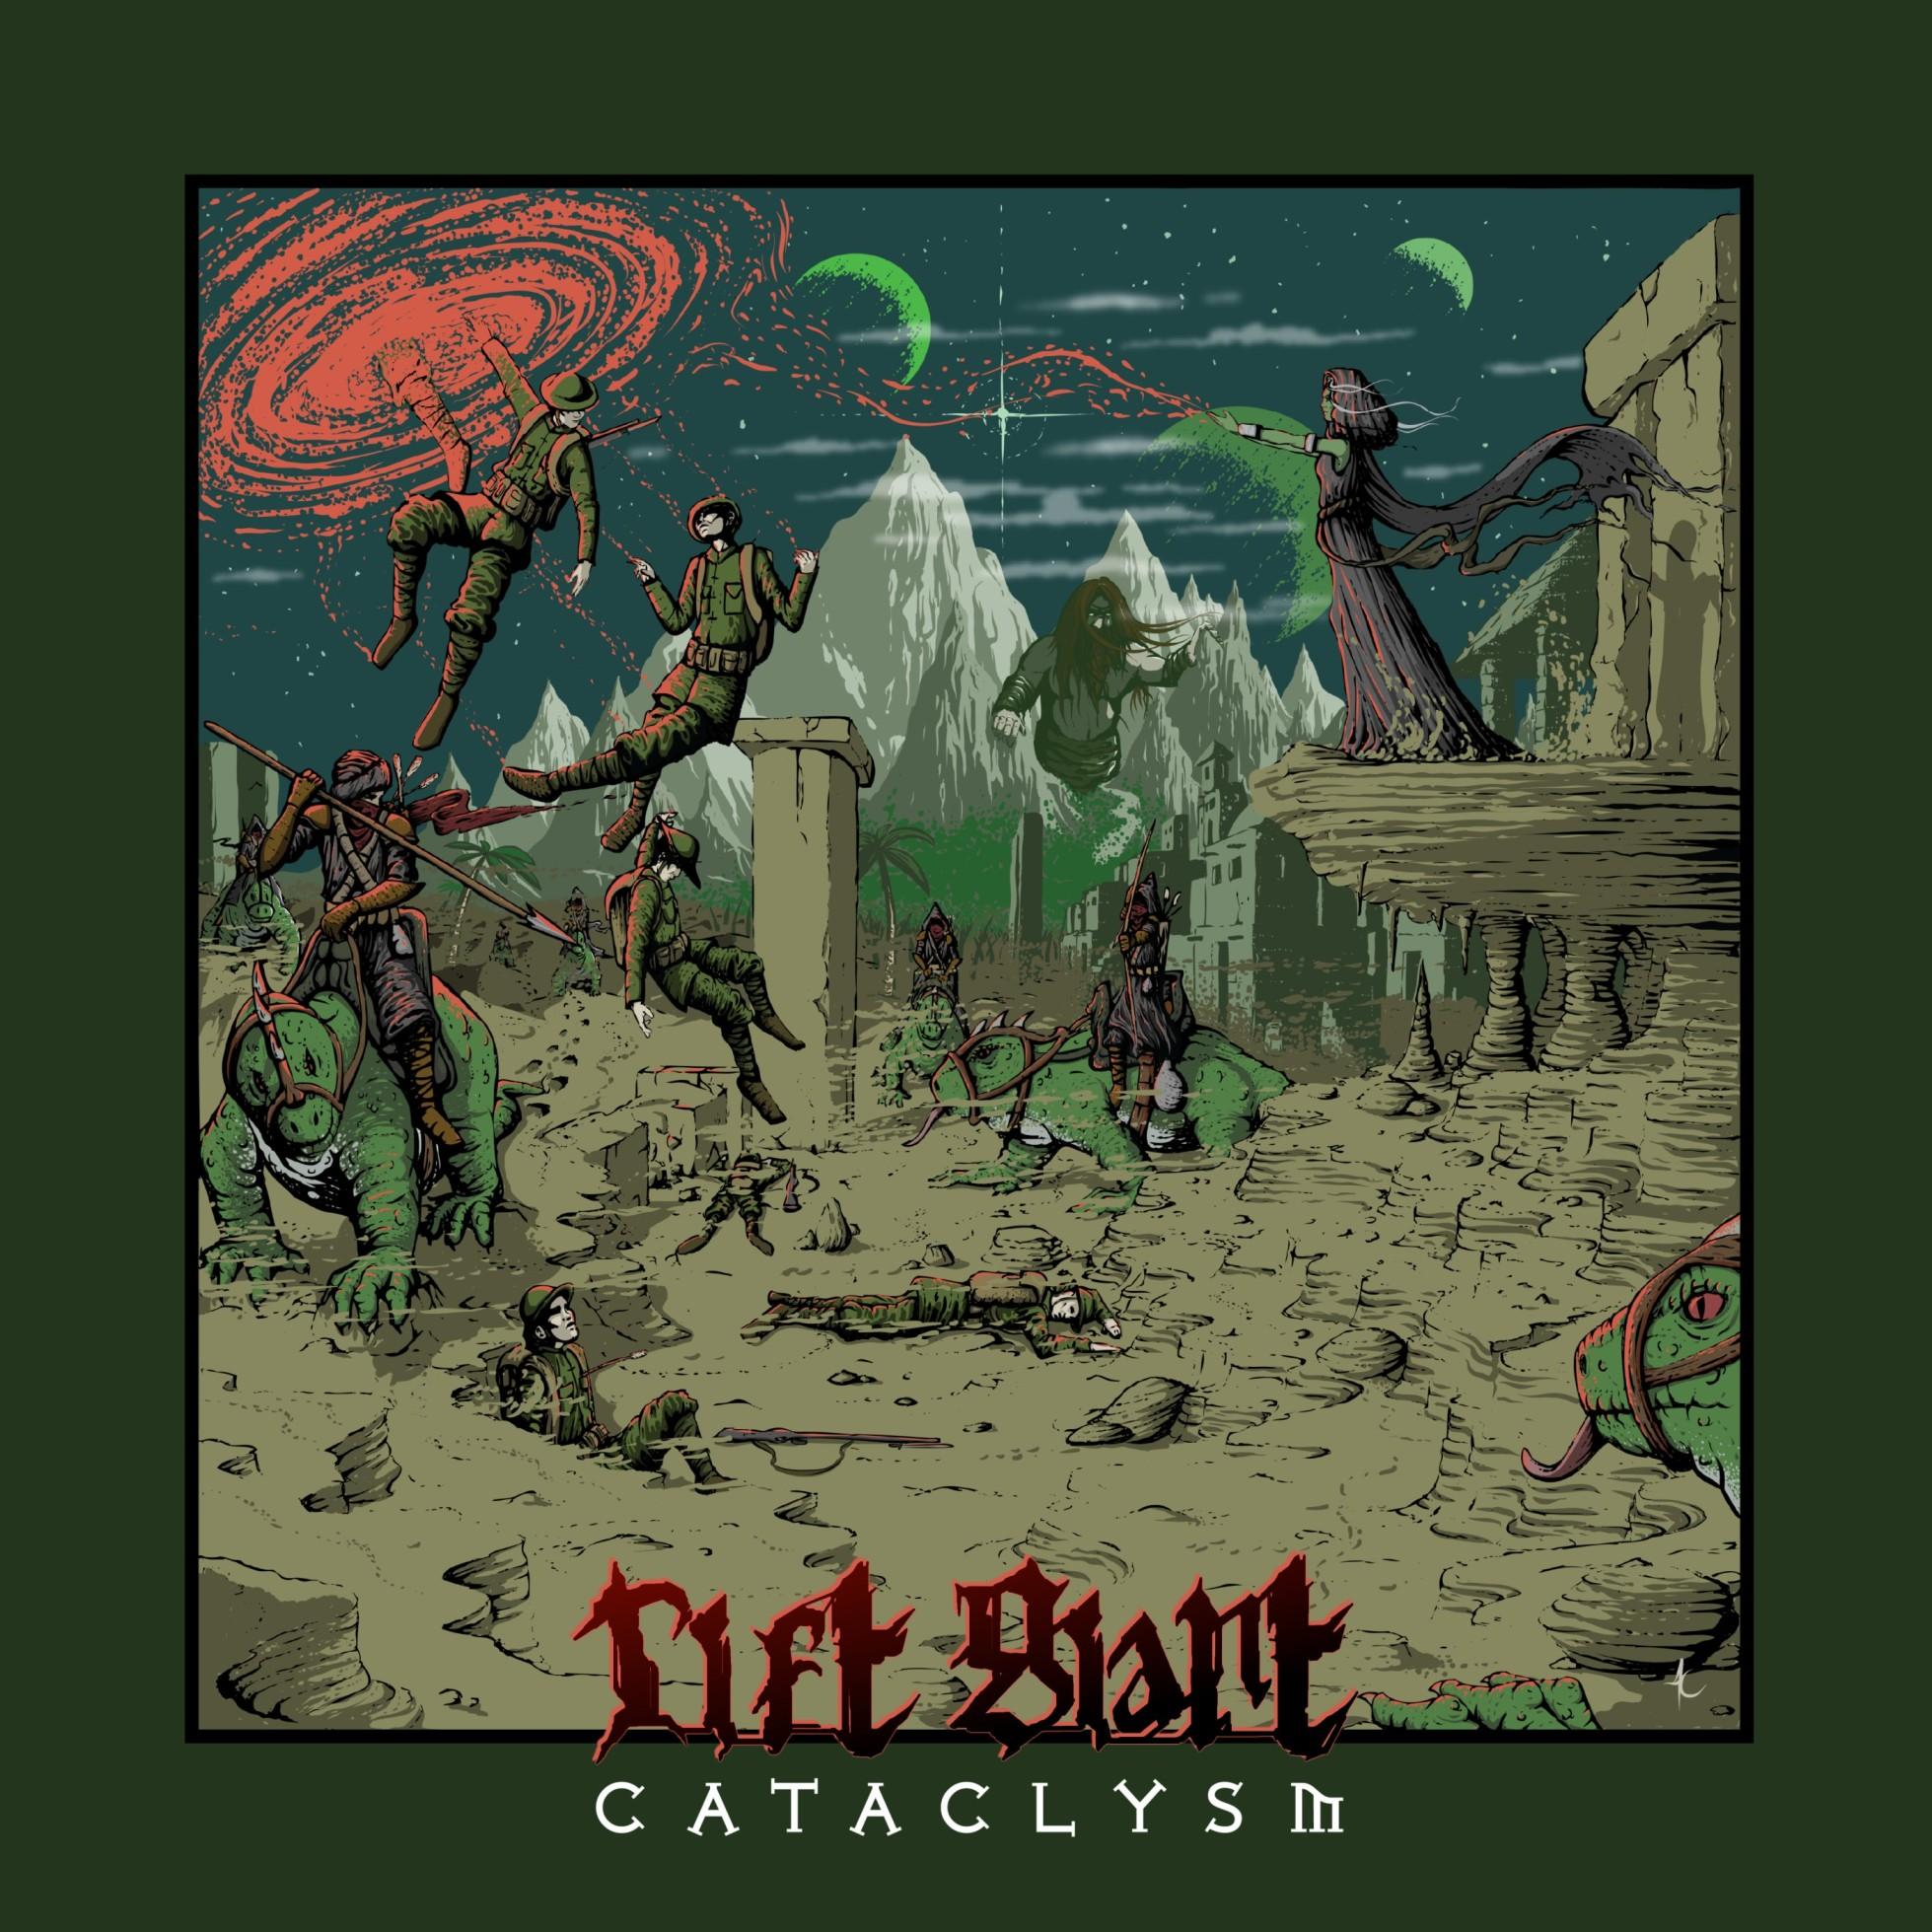 Rift Giant Cataclysm